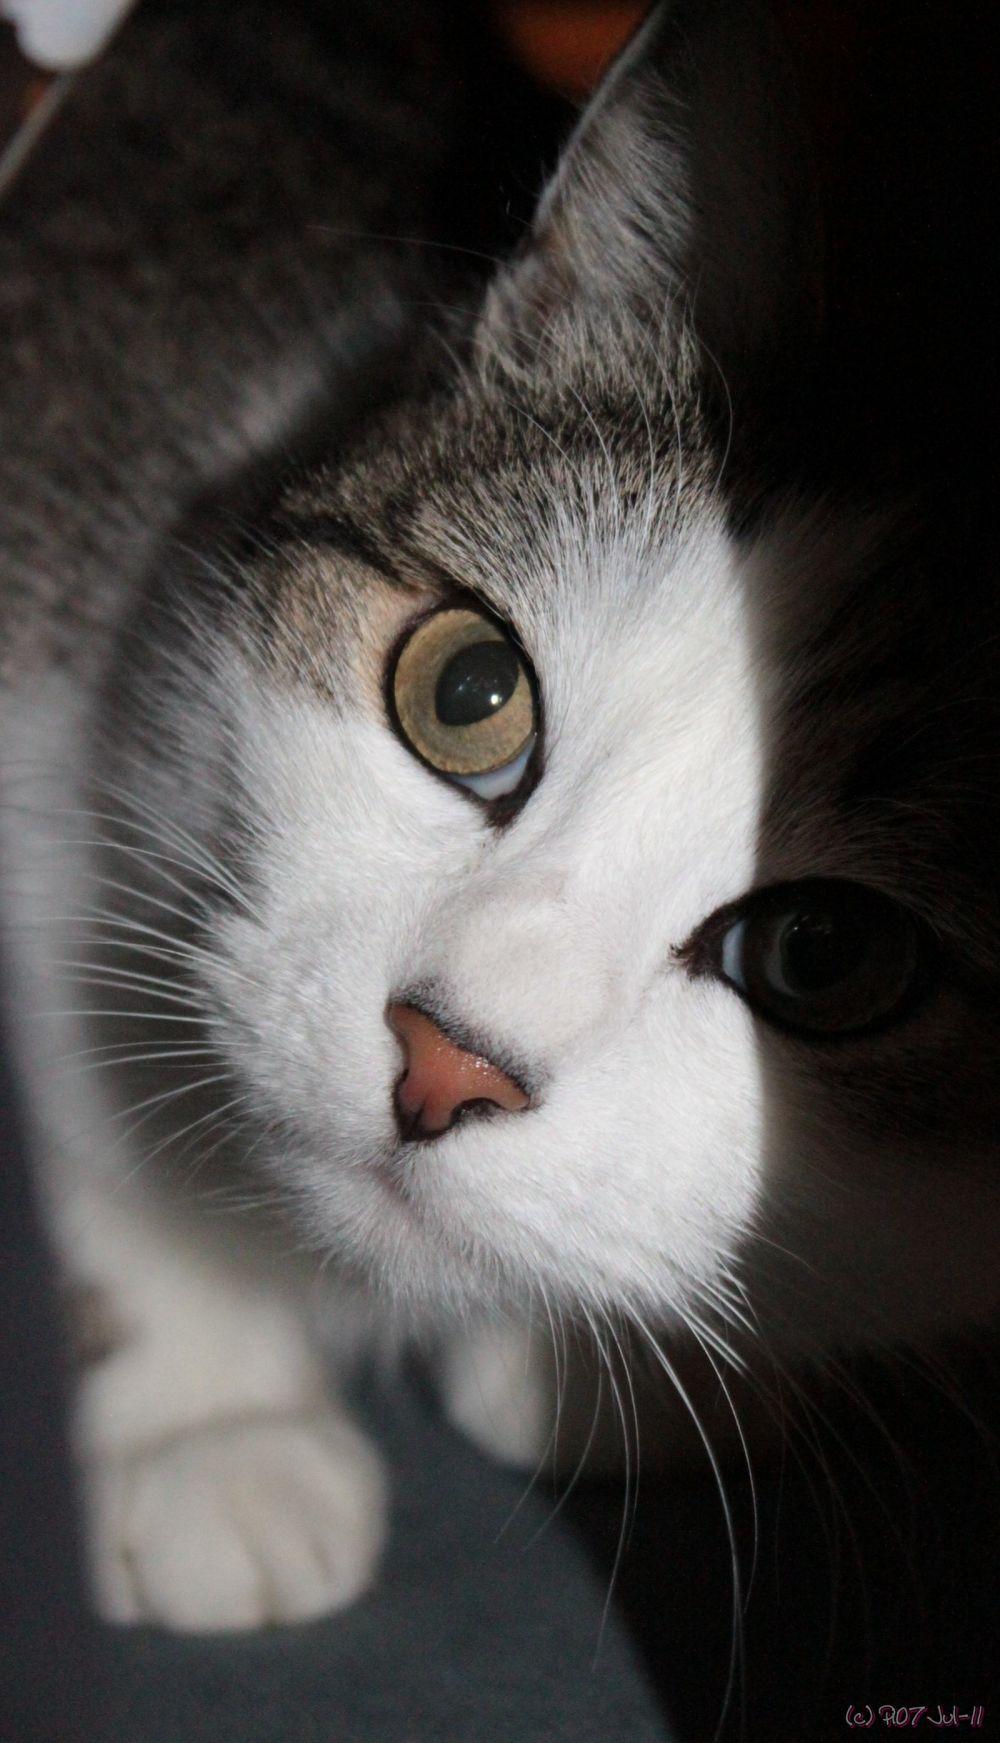 regard d'un chat